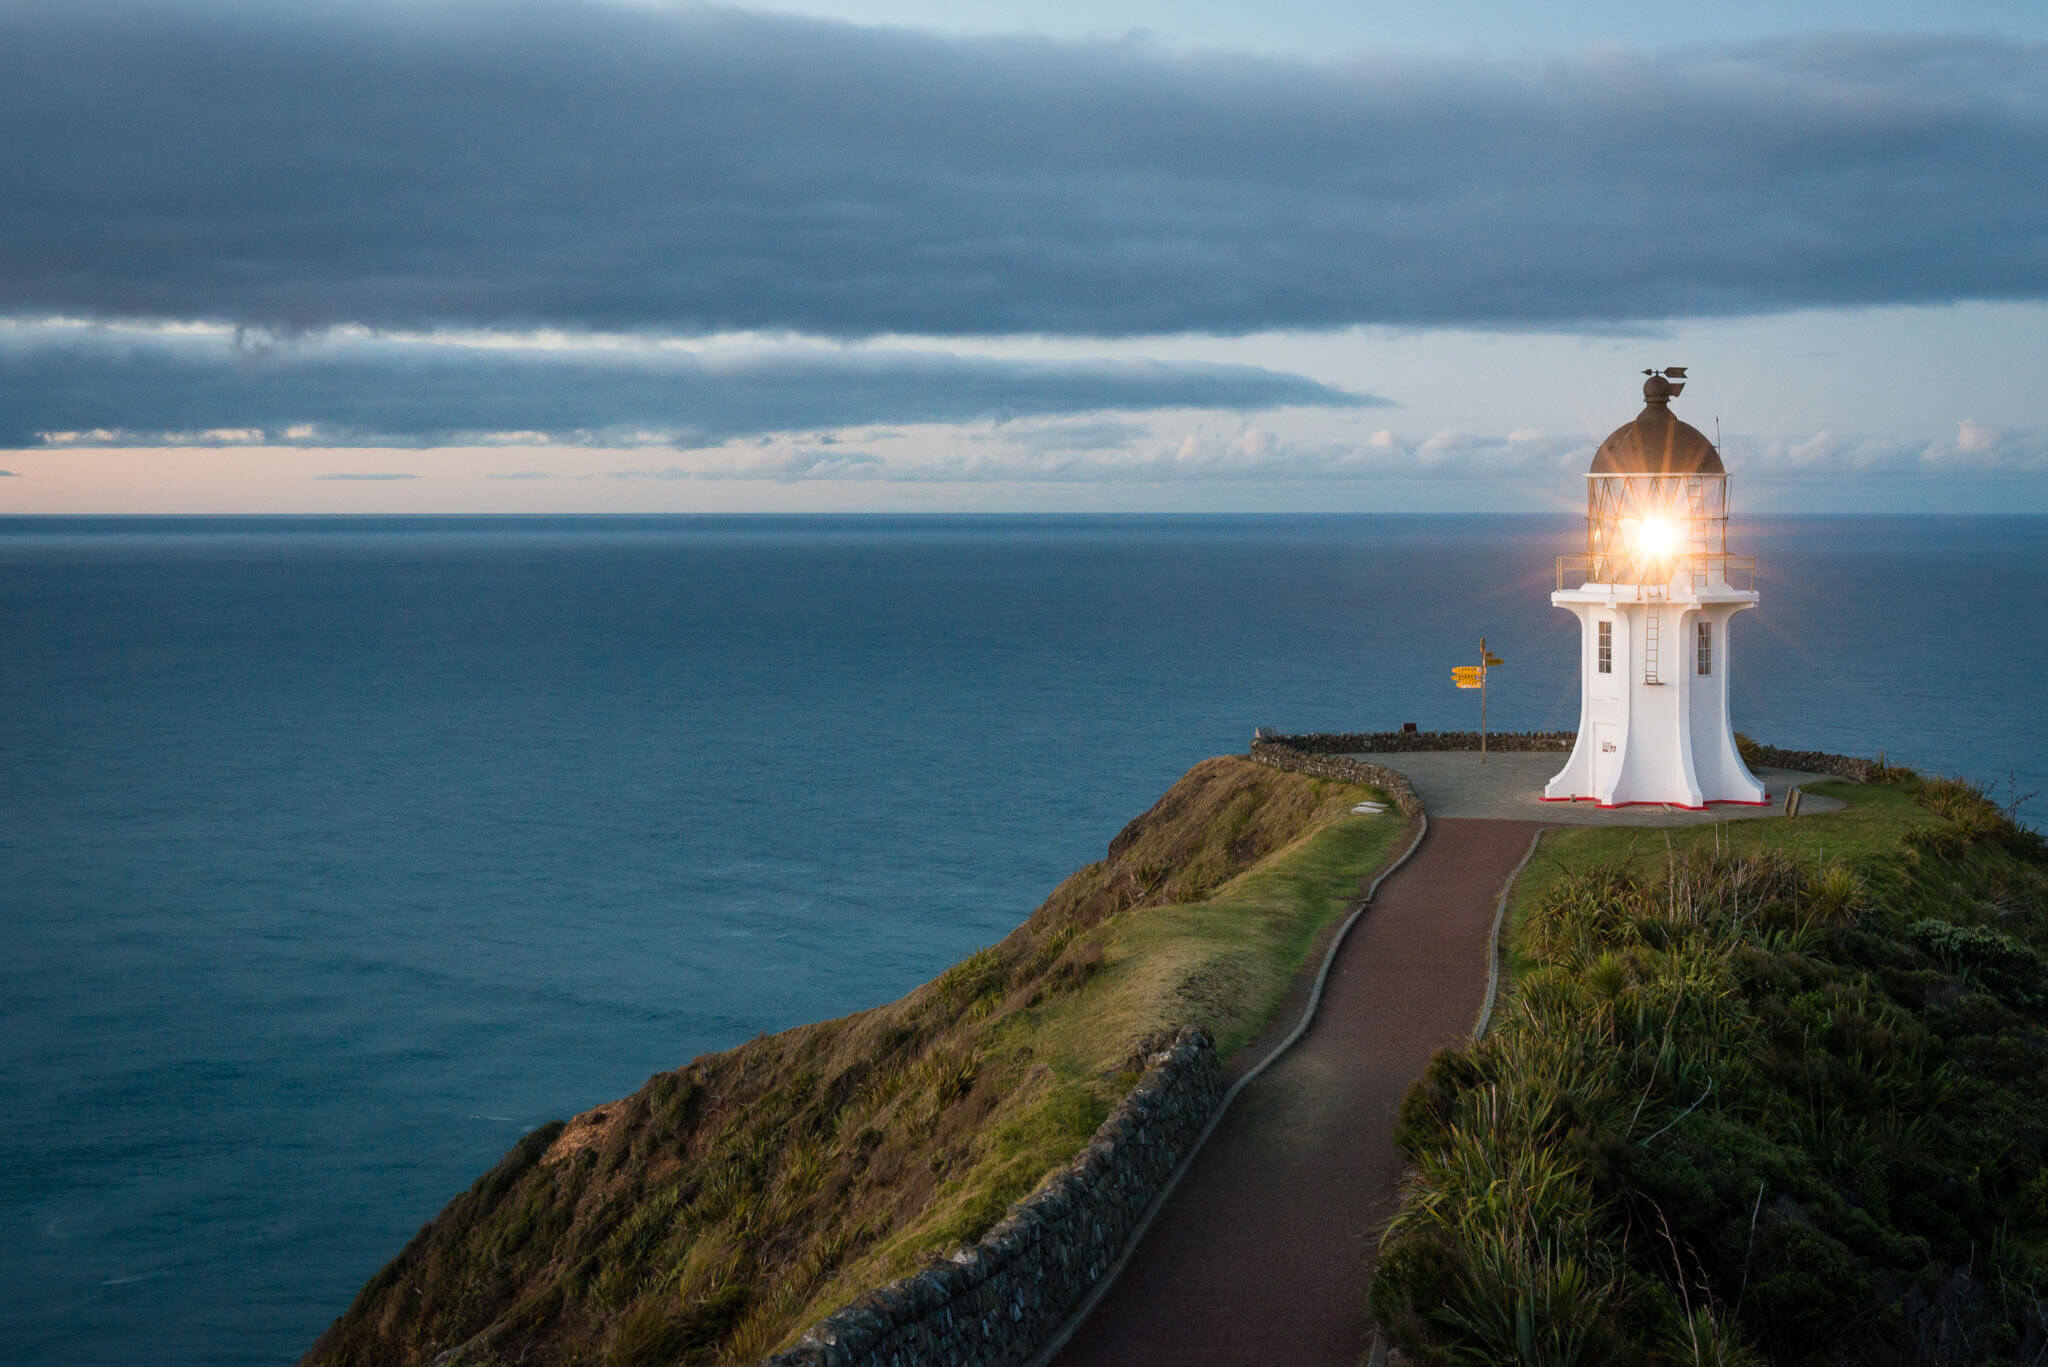 Nový Zéland, foto: Ľuboš Paukeje